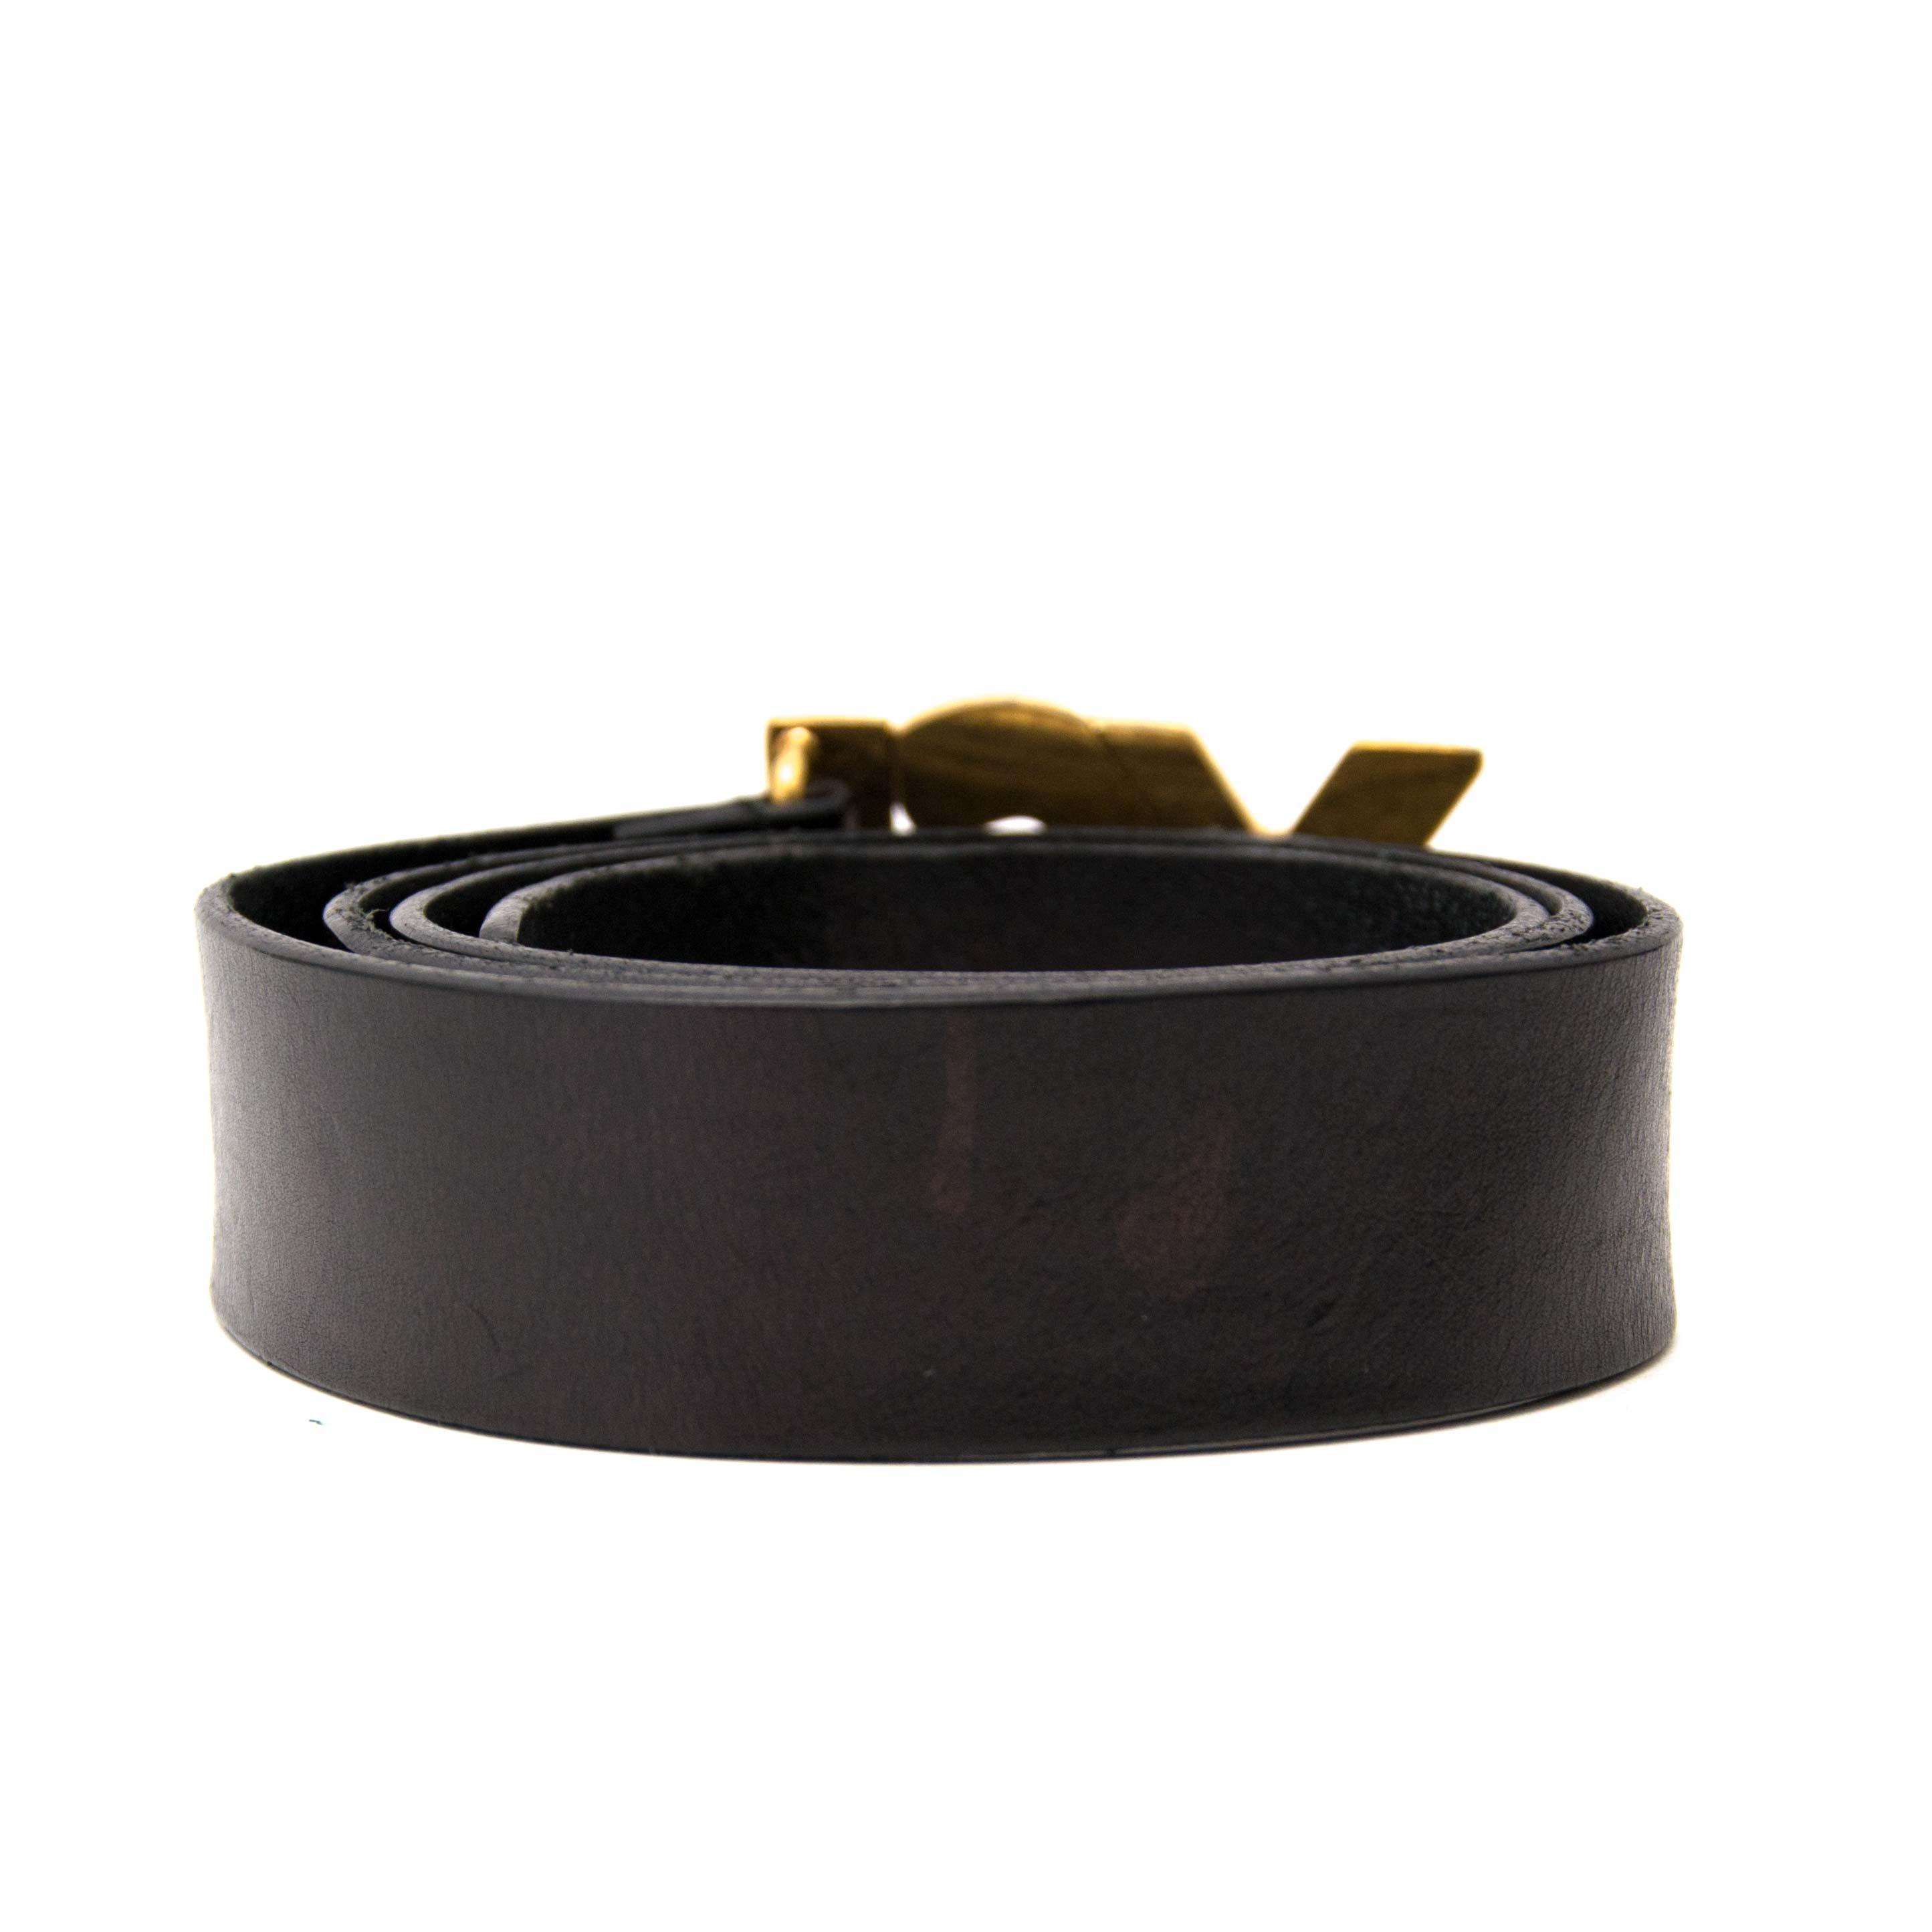 1dcf96524 ... Acheter en ligne chez labellov.com pour le meilleur prix yves saint  laurent monogram belt